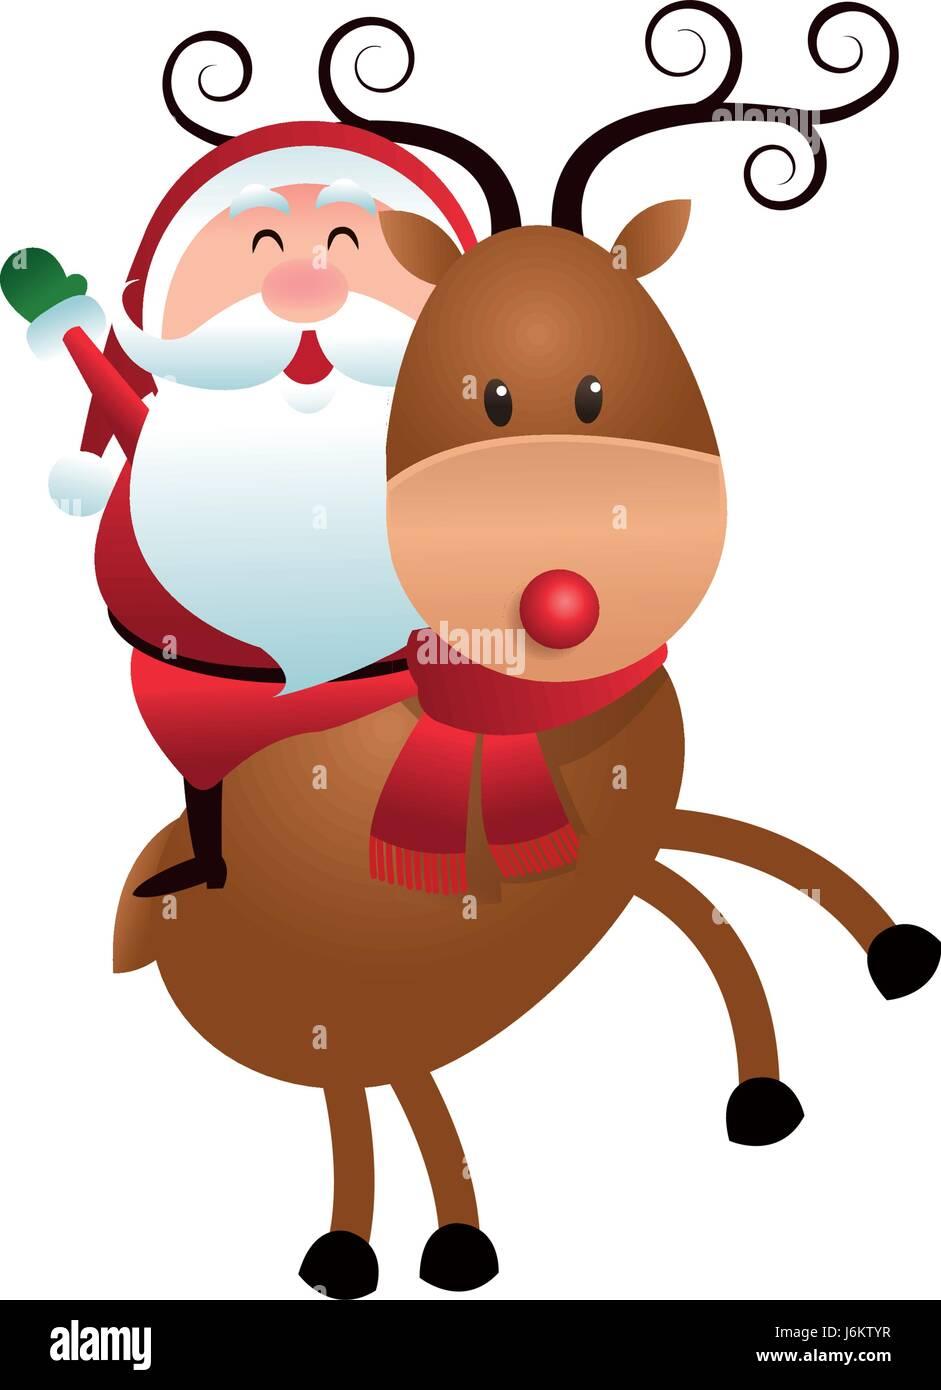 Christmas Santa Claus Riding Reindeer Cartoon Stock Vector